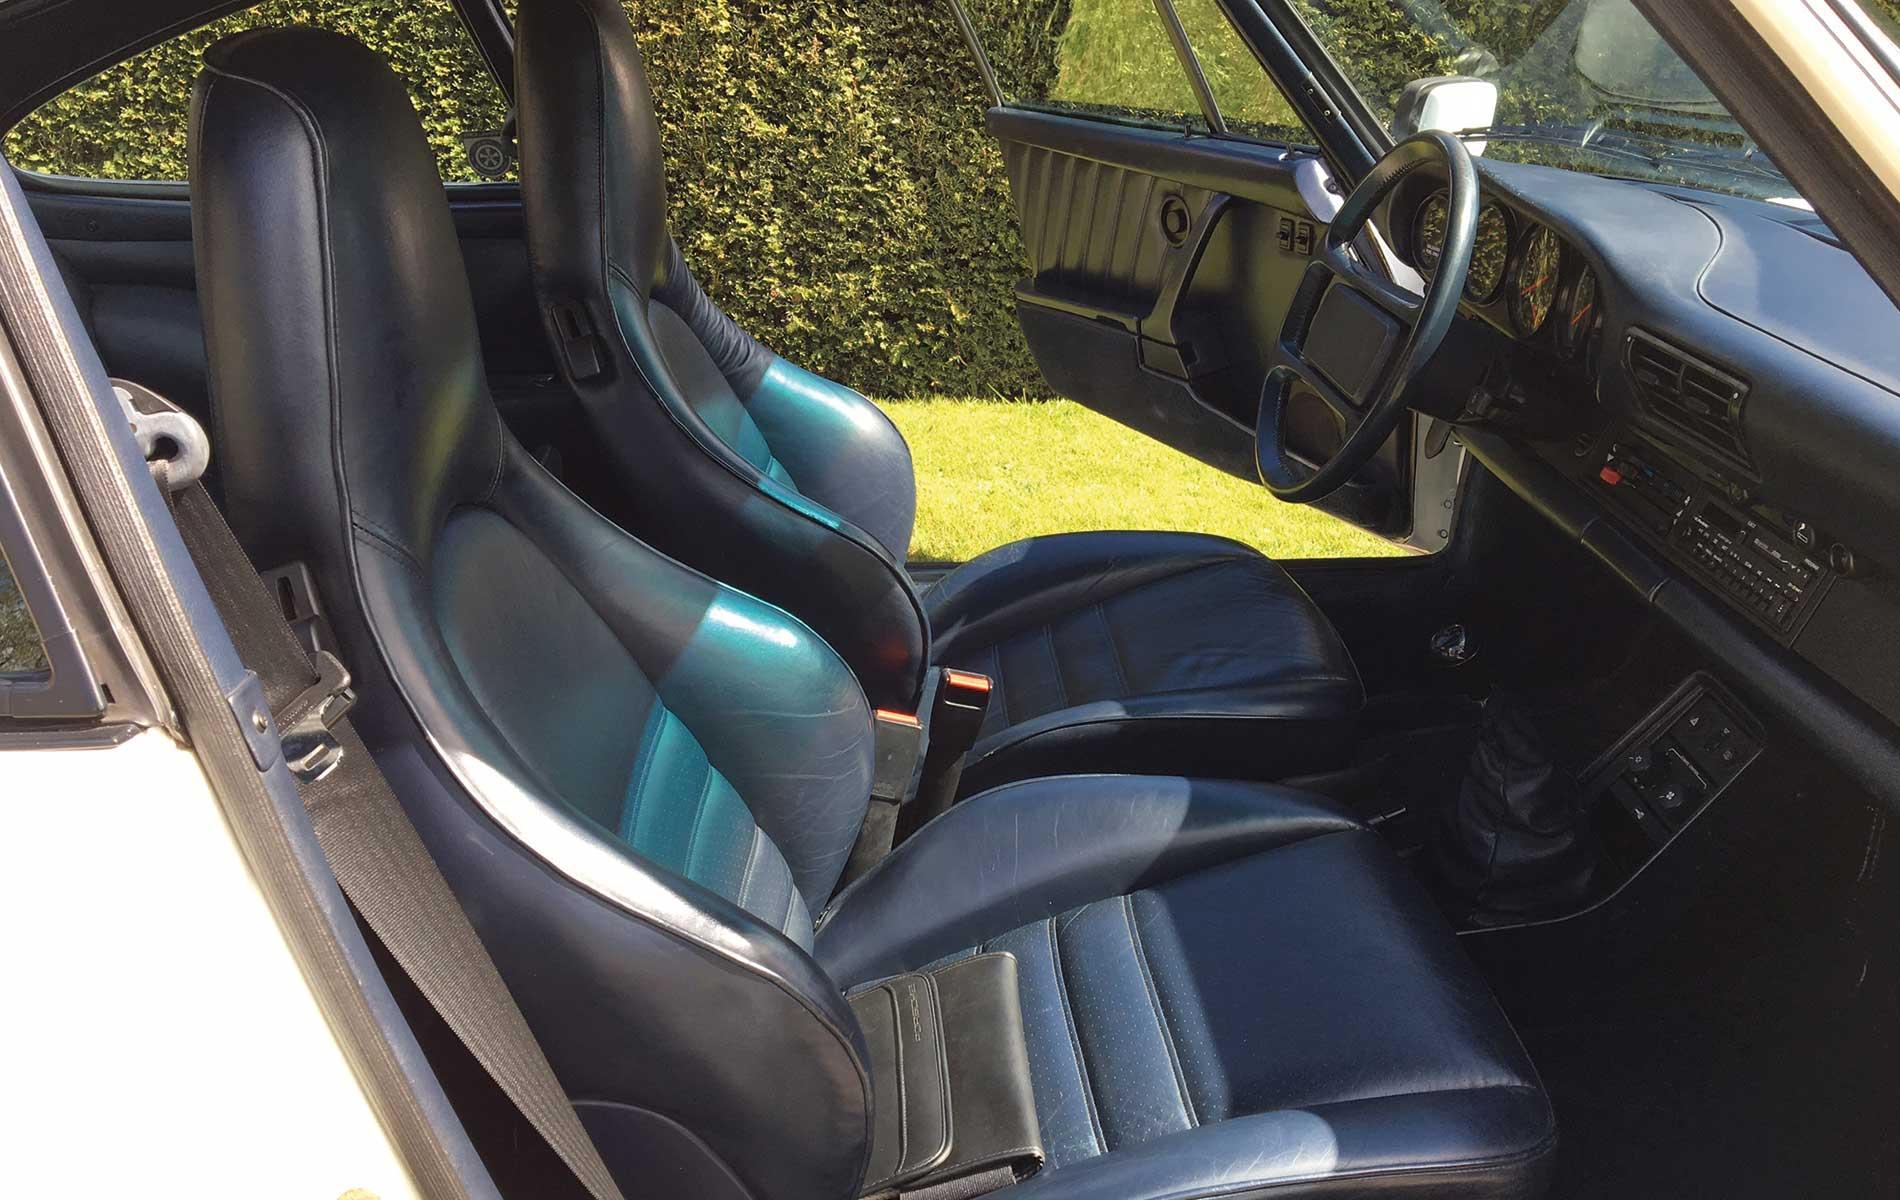 hrb_automotive_1986_Porsche_911_Turbo_05_17_9